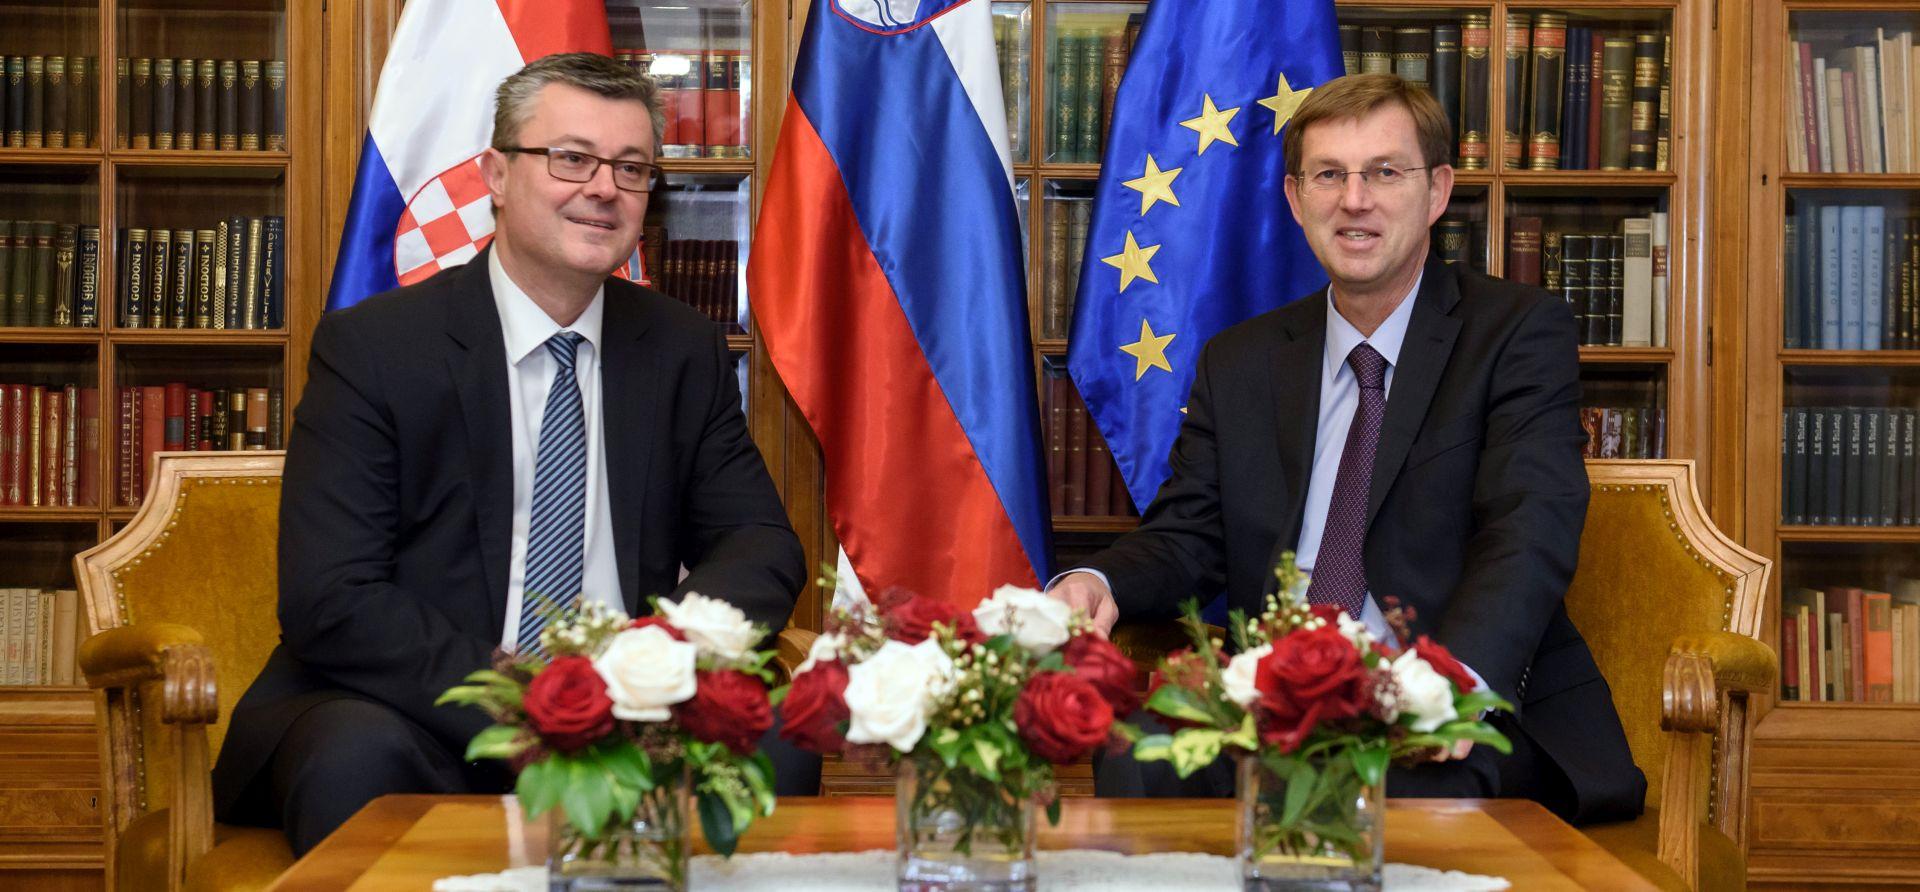 Prvi sastanak Oreškovića i Cerara u Ljubljani: Pozvali na bolju suradnju u izbjegličkoj krizi